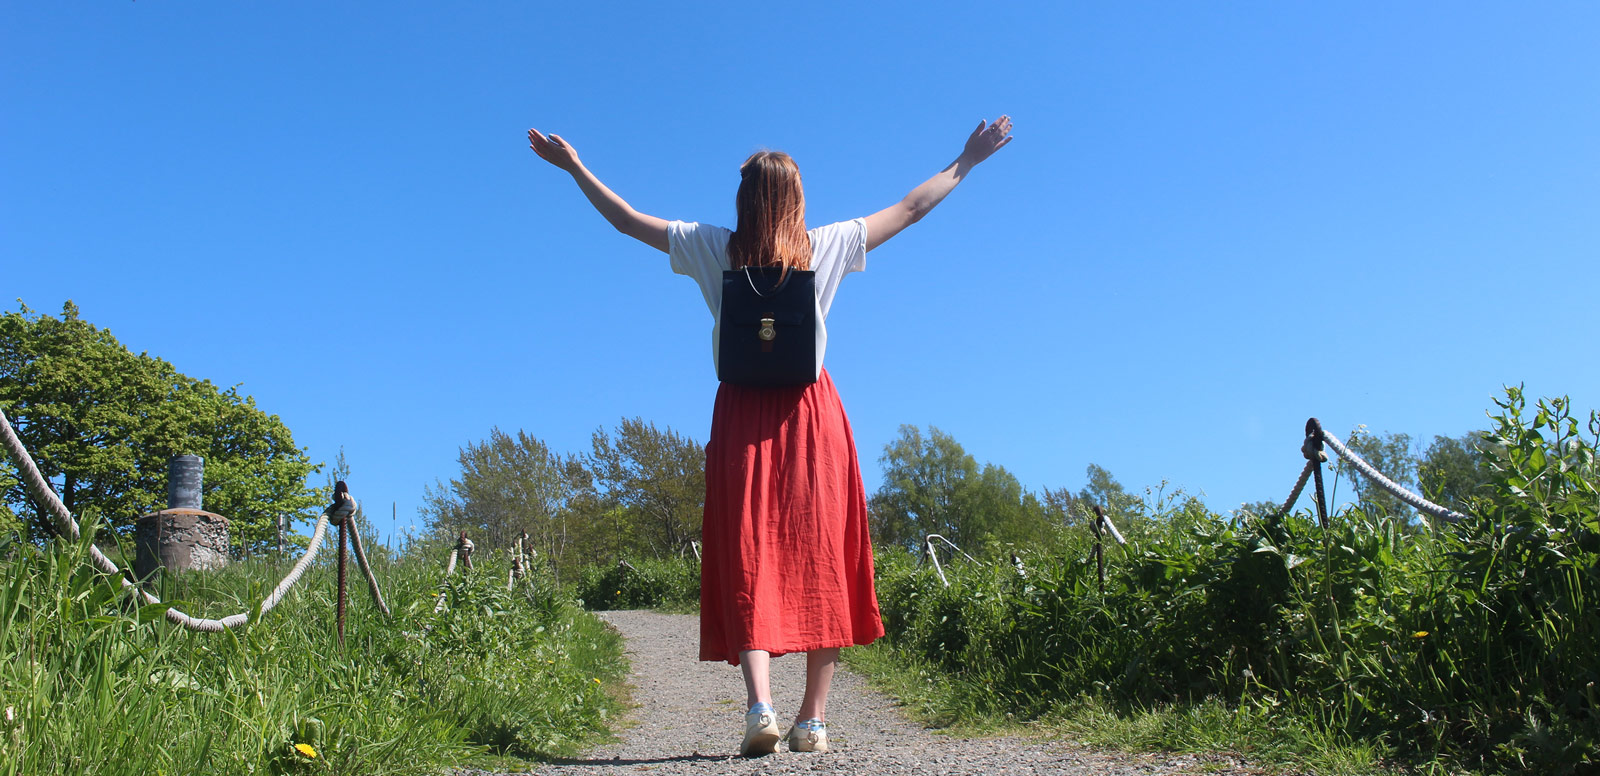 Nainen kävelee hiekkapolkua pitkin kädet ylhäällä.